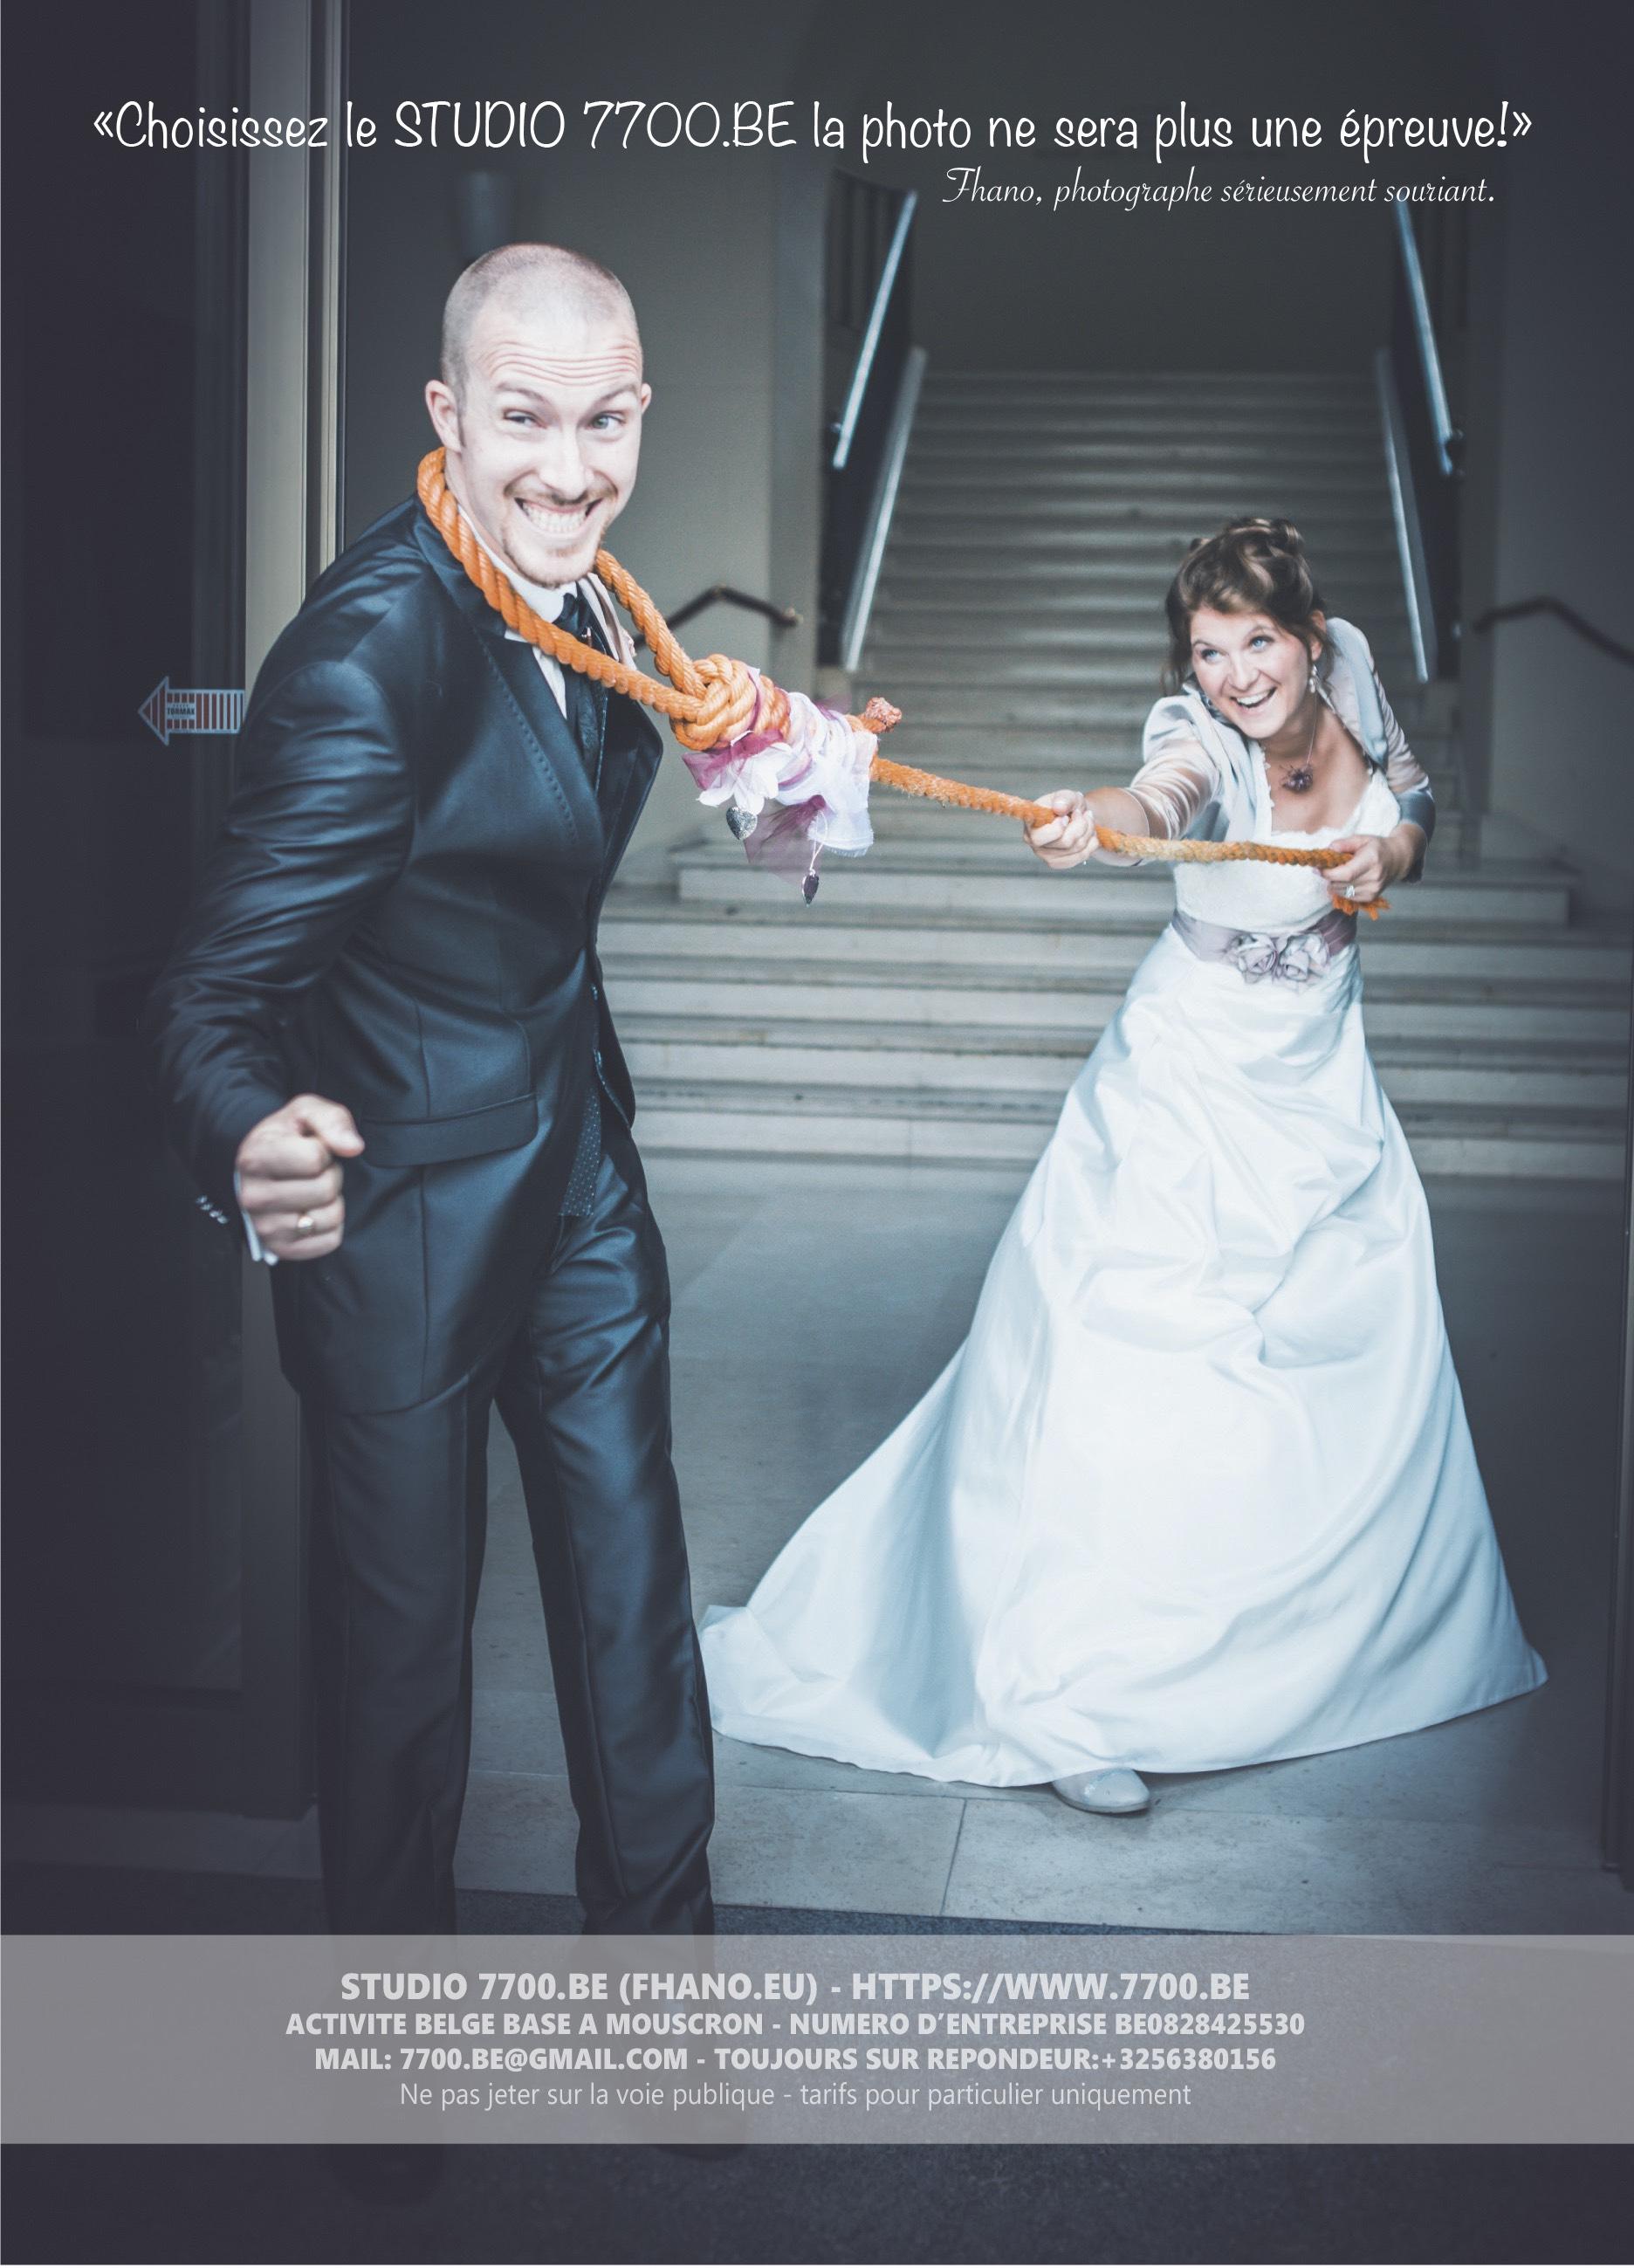 Brochure 2019 des tarifs et forfaits mariage au Studio 7700.BE by Fhano, votre photographe pour la France, la Belgique et la Suisse. Page 8 sur 8 La couverture arrière où je vous montre une photo décalée, à l'image de ce couple qui voulait un reportage qui leur ressemble.